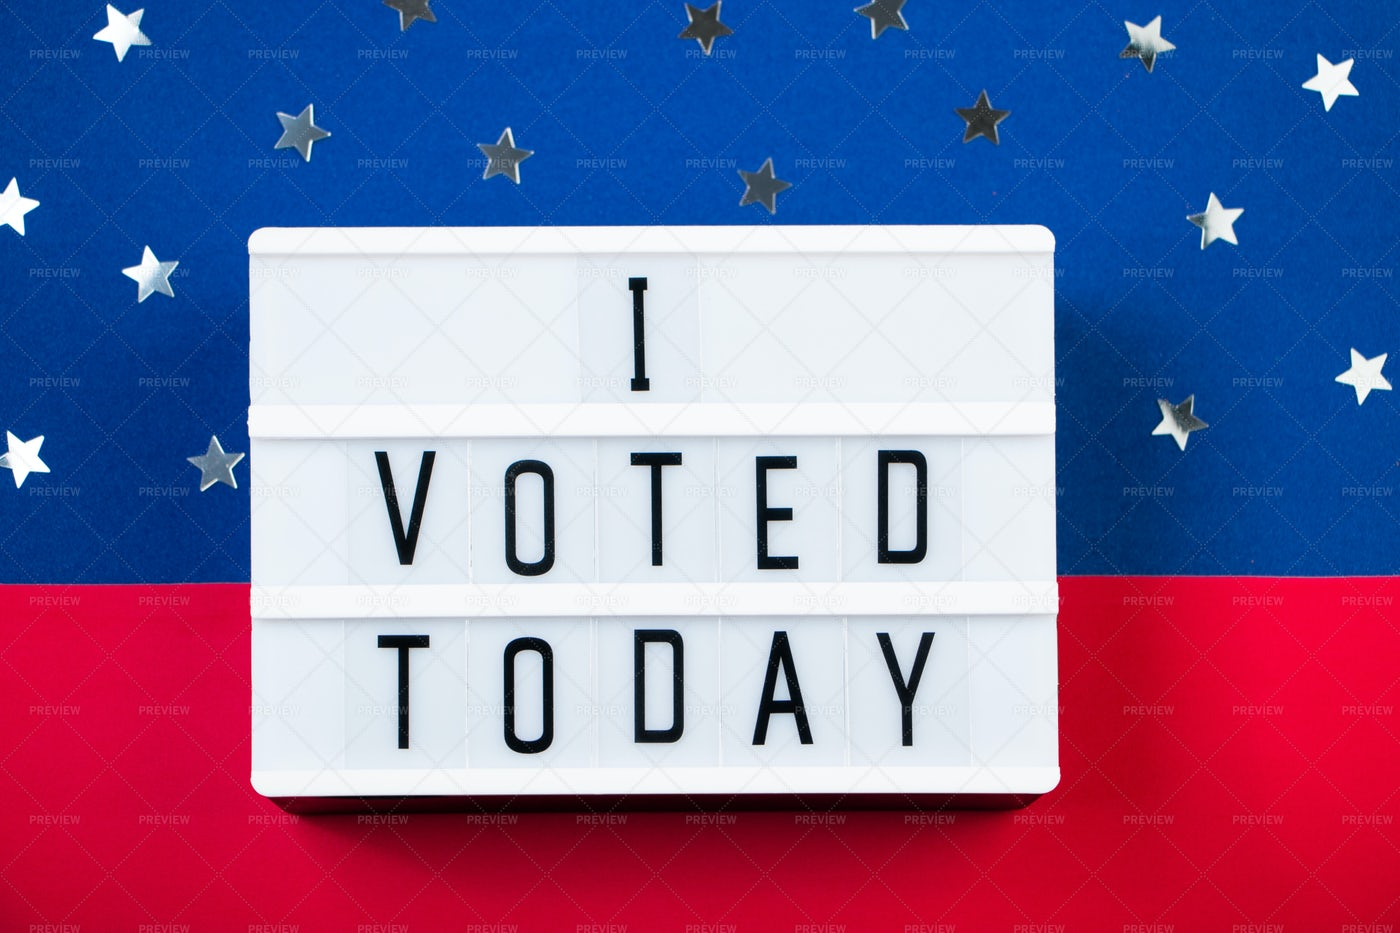 USA Election Day: Stock Photos